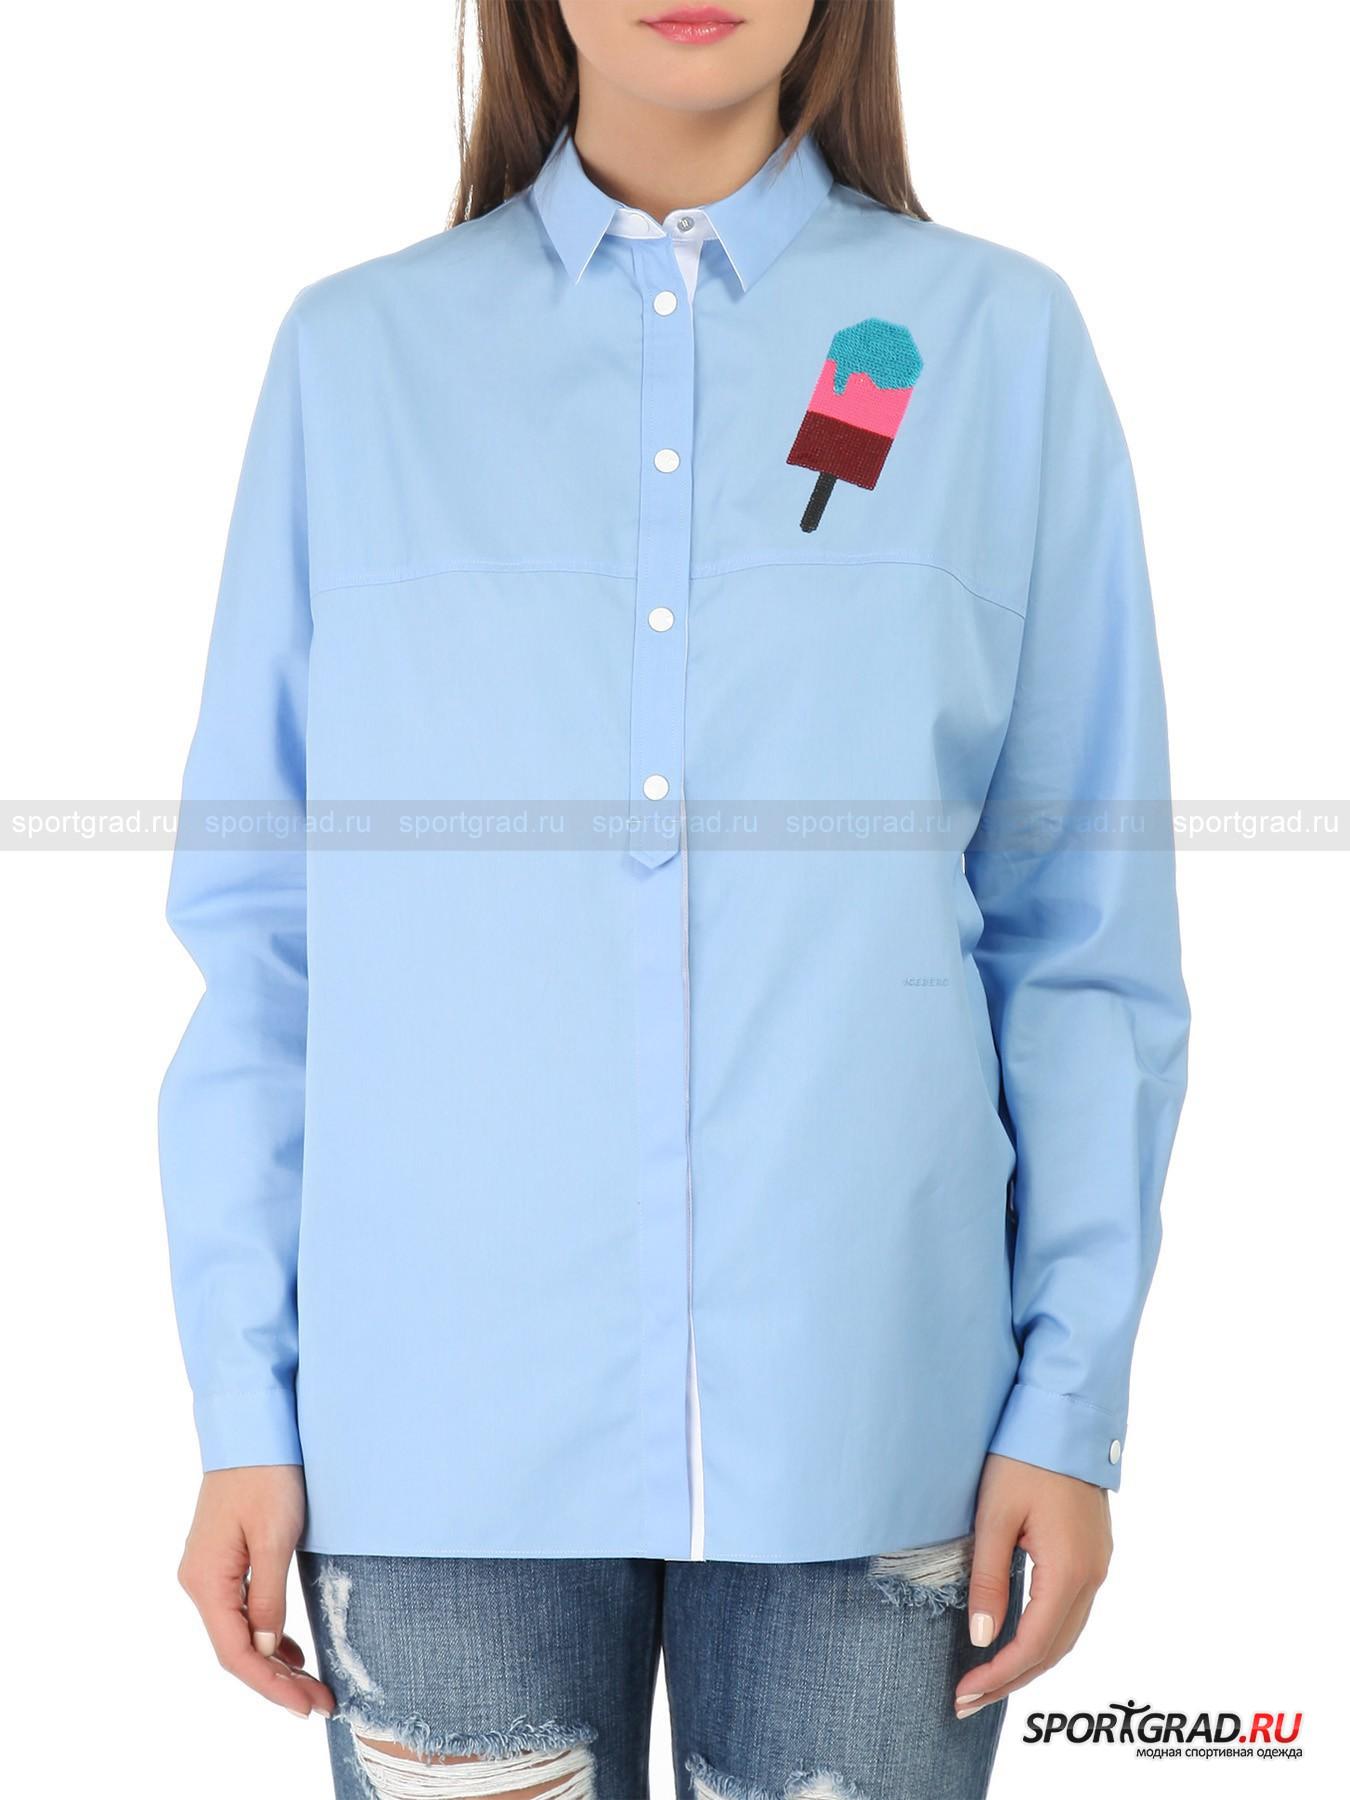 Рубашка женская ICEBERG